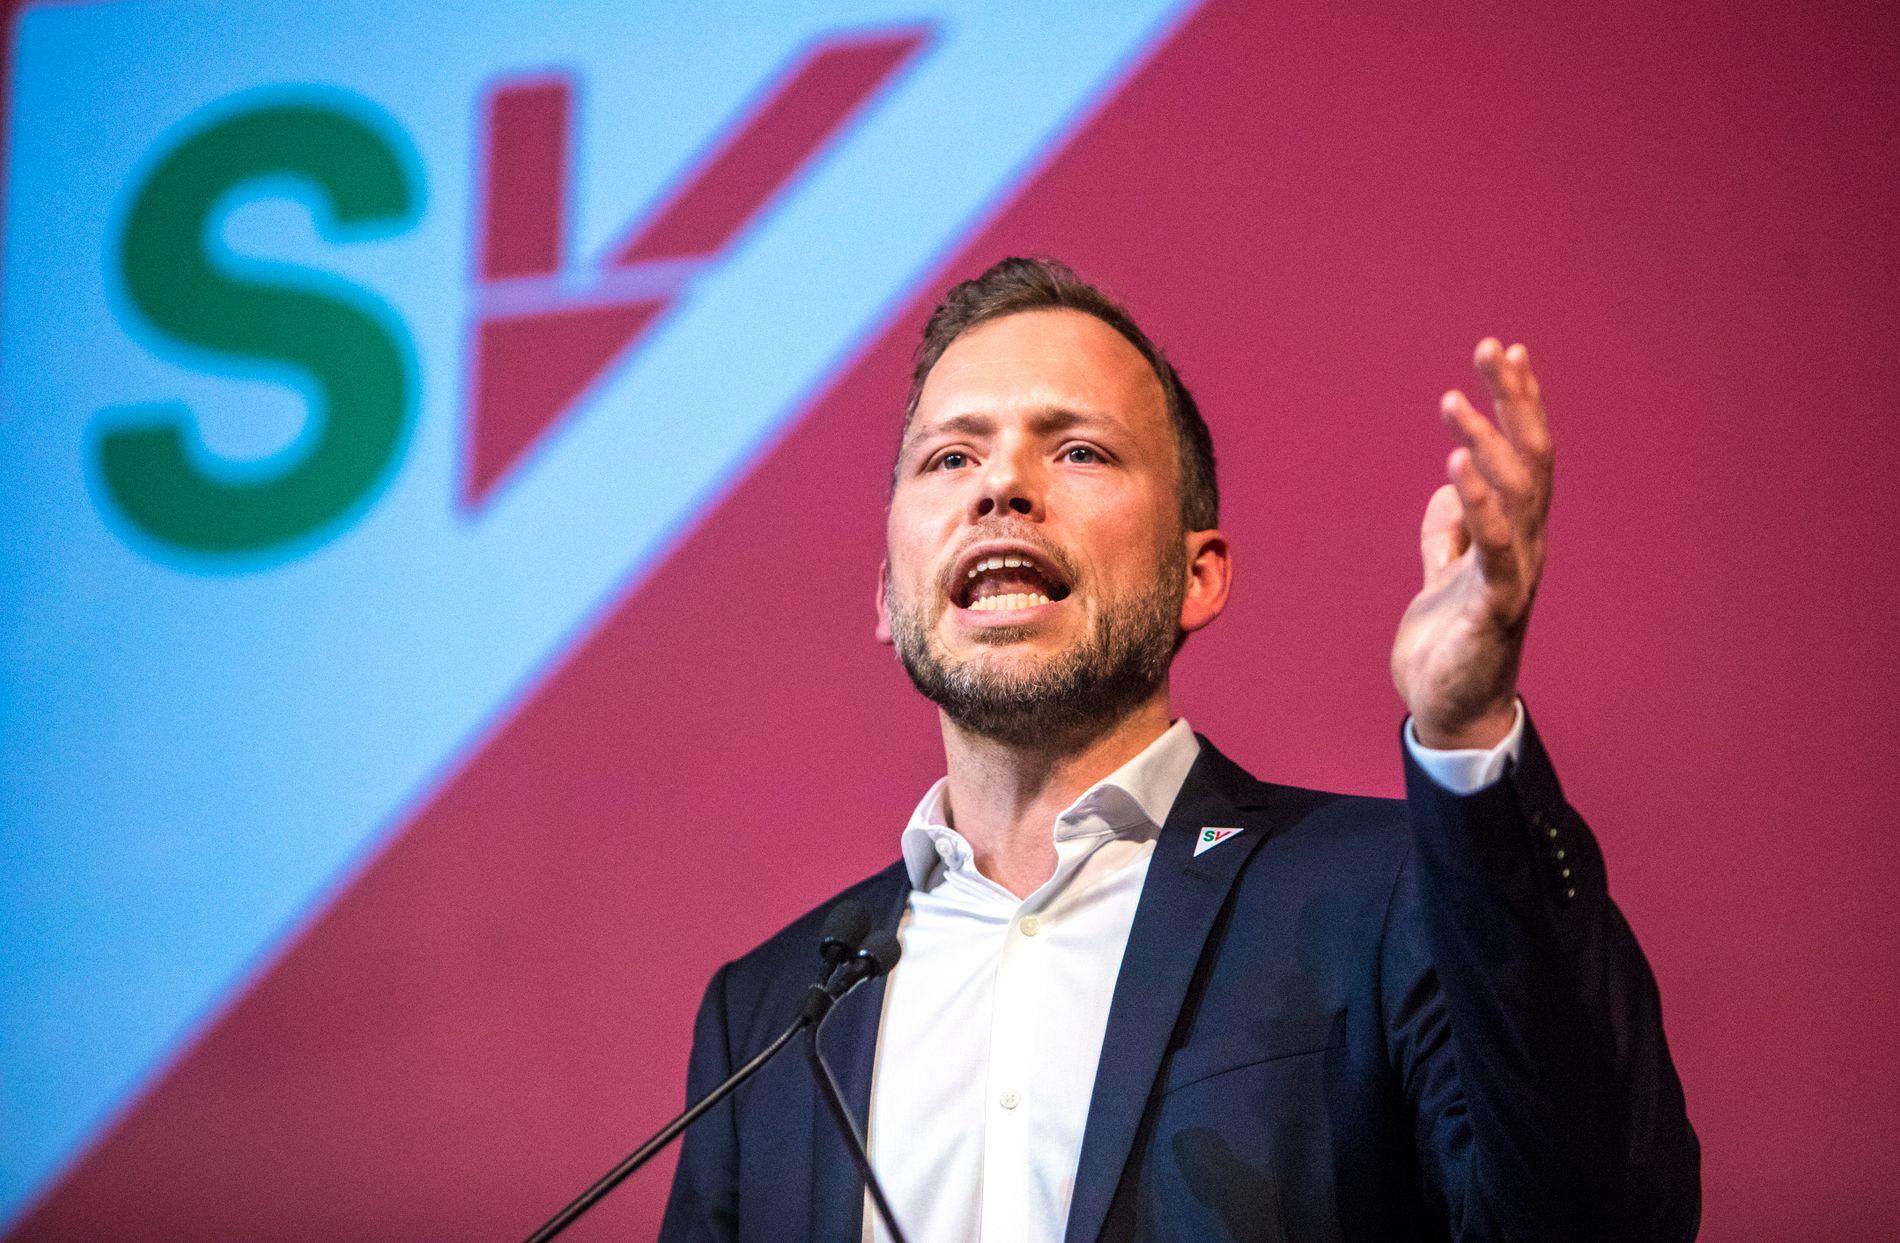 JUBLER: SV-leder Audun Lysbakken er storfornøyd med at partiet hans er jevnstort med Ap på VGs siste Tromsø-måling.